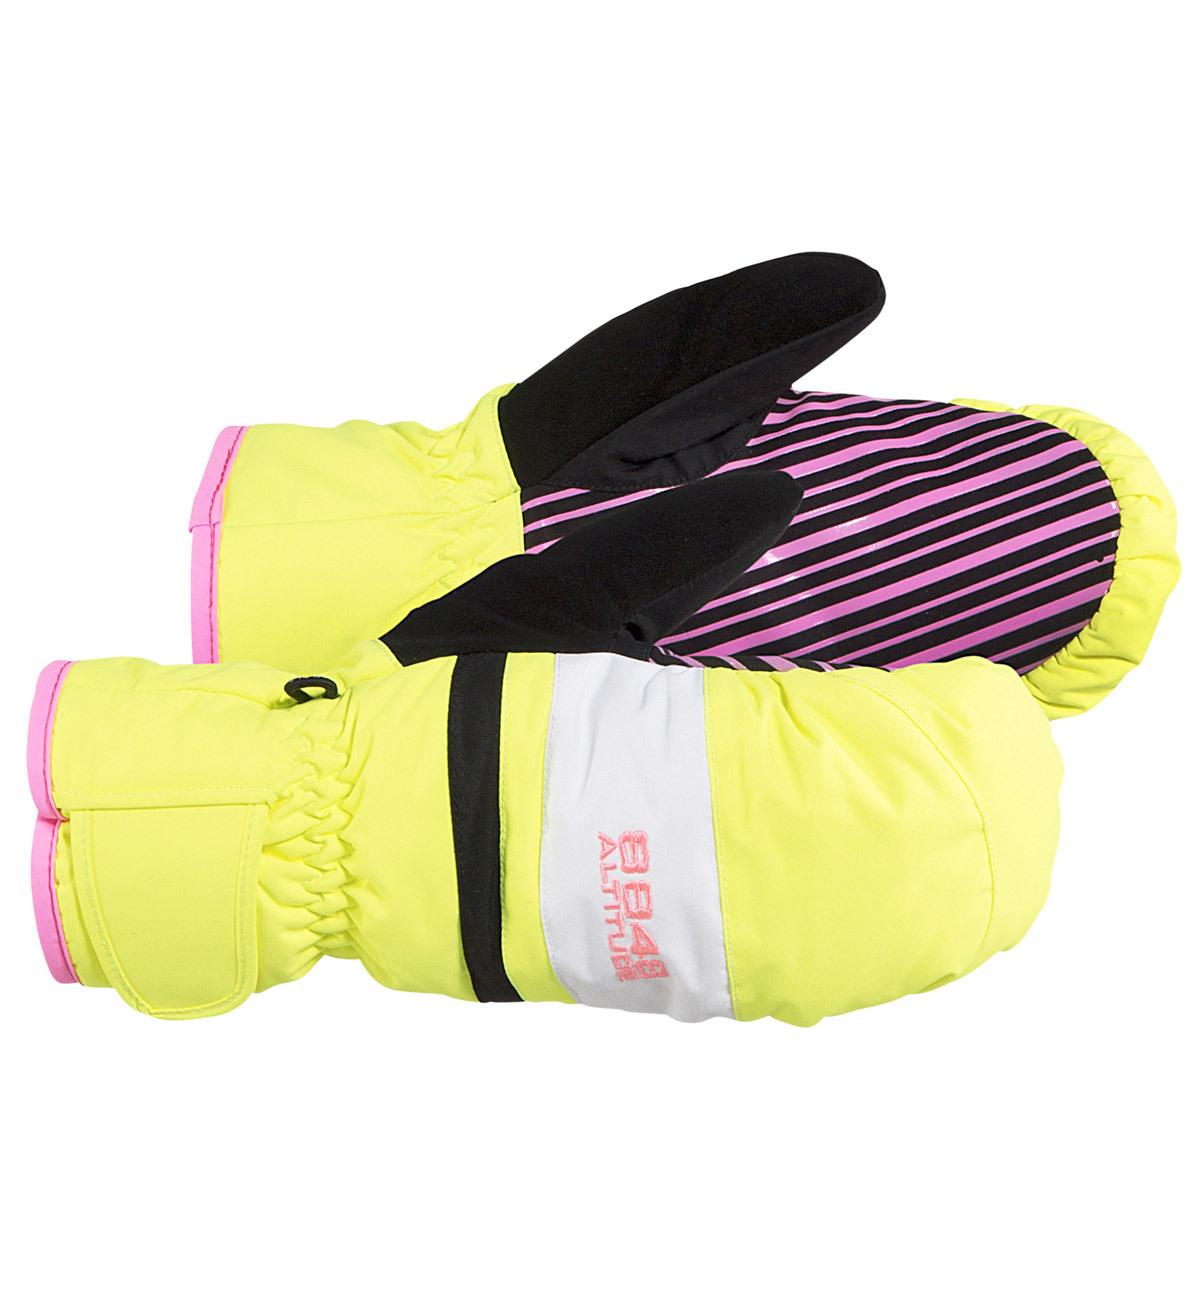 Варежки 8848 Altitude Wispty подростковые Neon Yellow